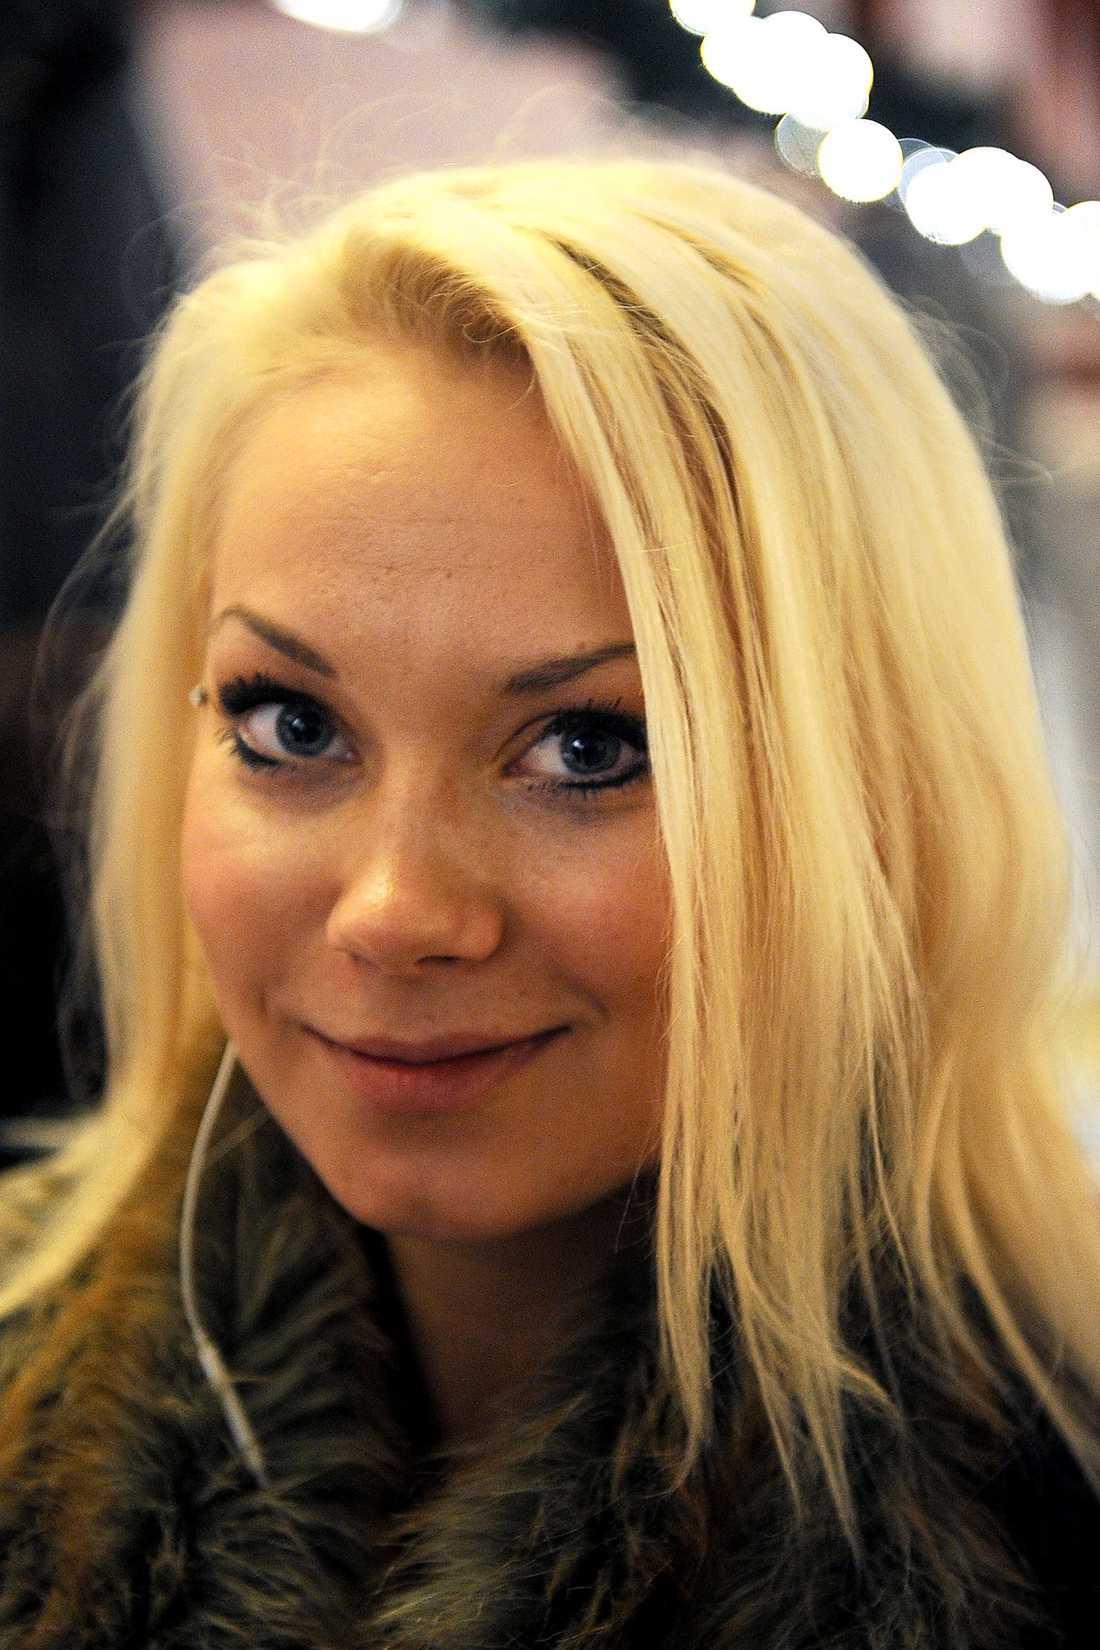 Stephanie Jungsand, 23, bartender, Stockholm: – Ja, det säger sig självt. Utesluter man viktiga näringsämnen kan man bli undernärd.